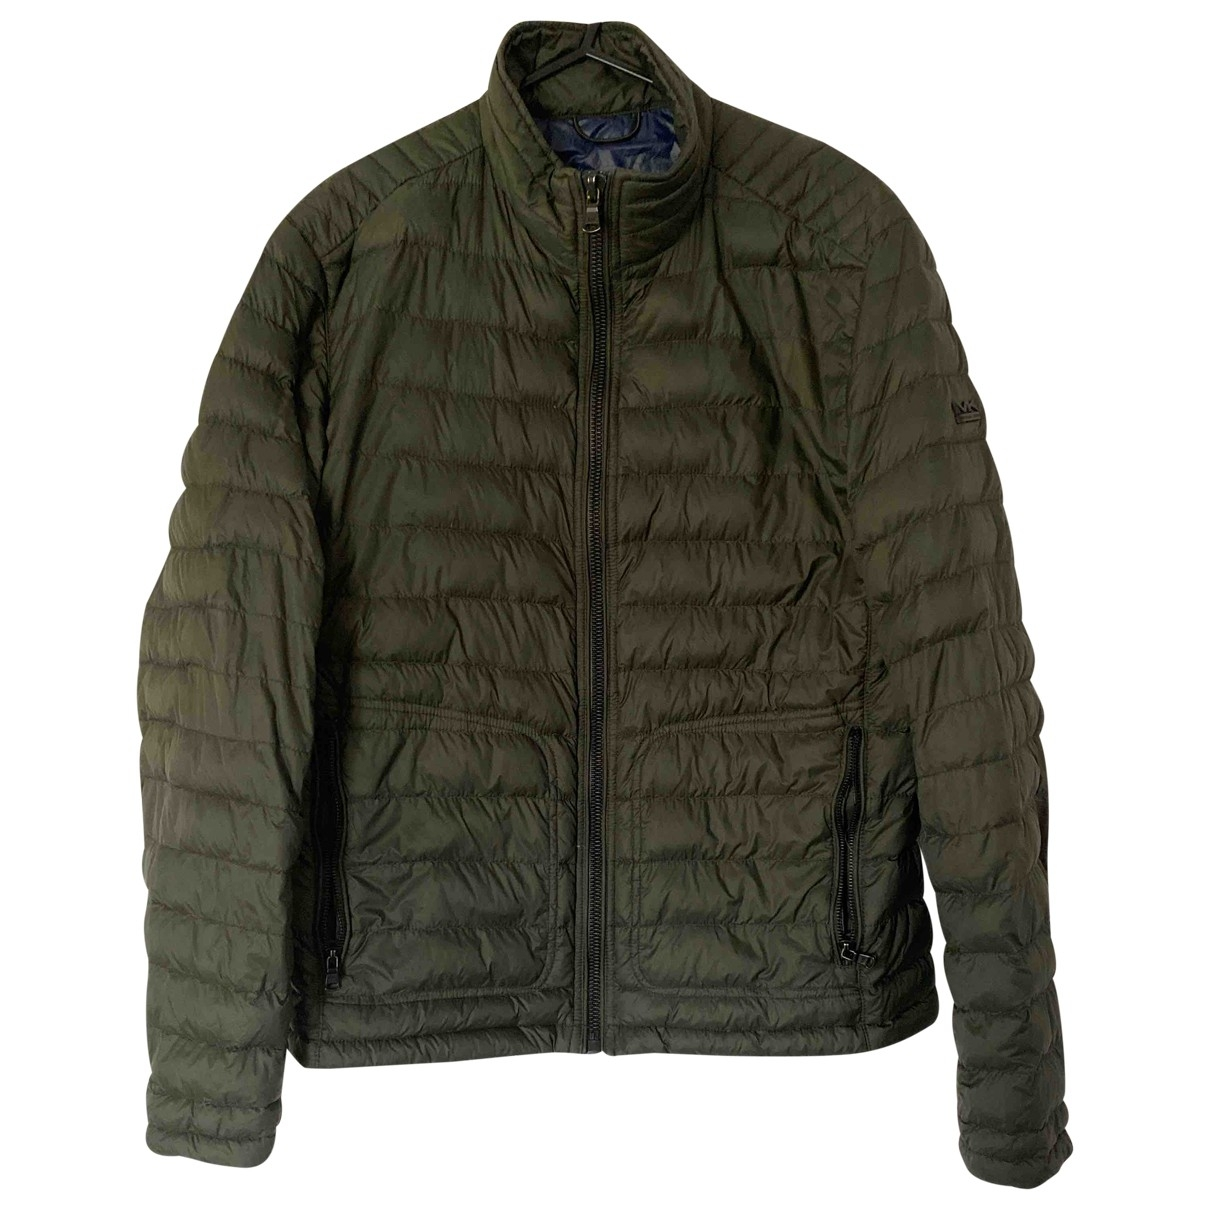 Michael Kors \N Green jacket  for Men M International